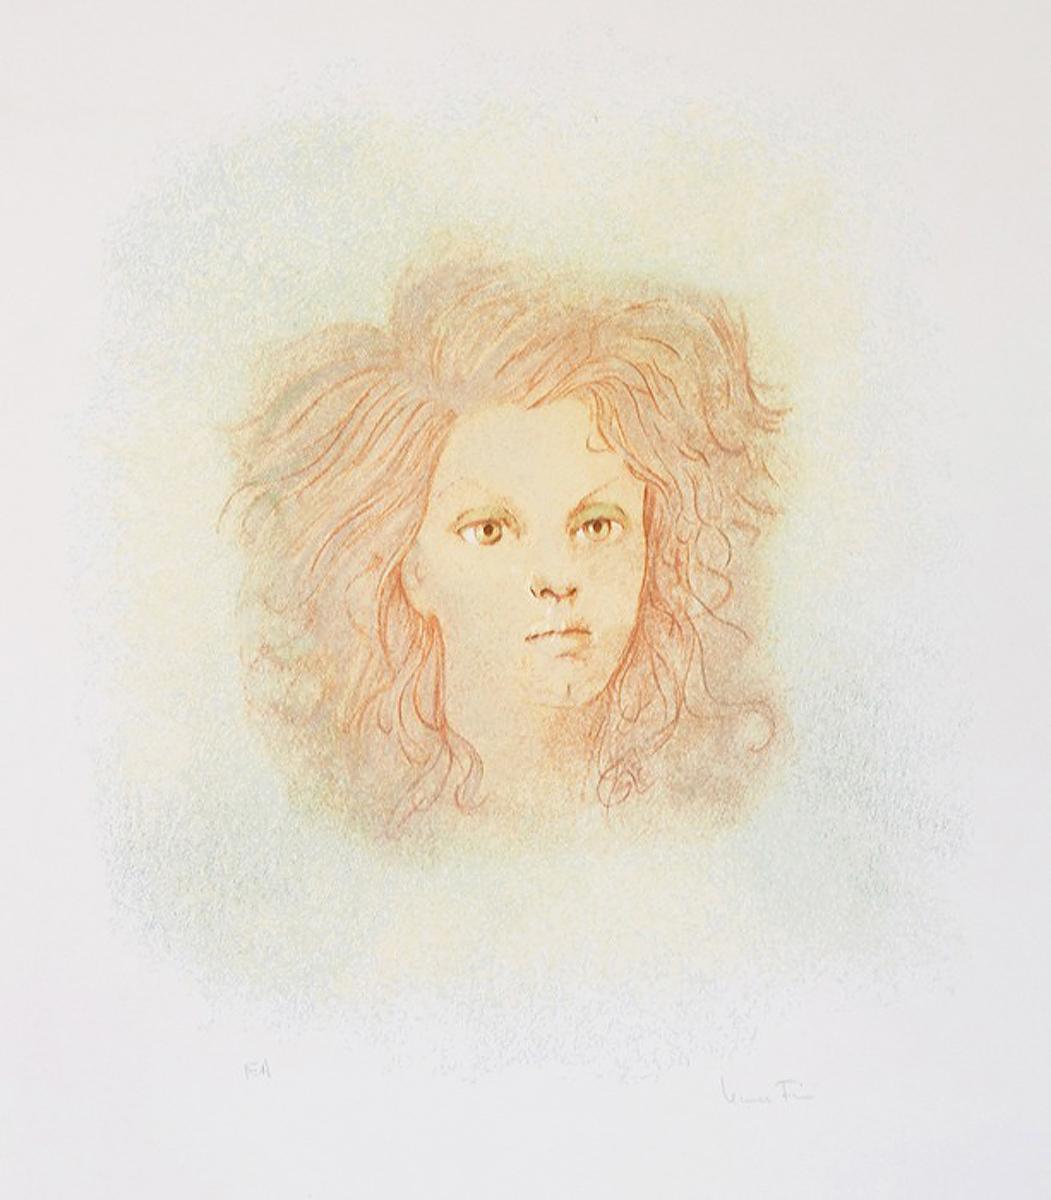 Цветная литография Портрет девушки. Леонор Фини. Франция, 1960-1970-е гг шампунь леонор